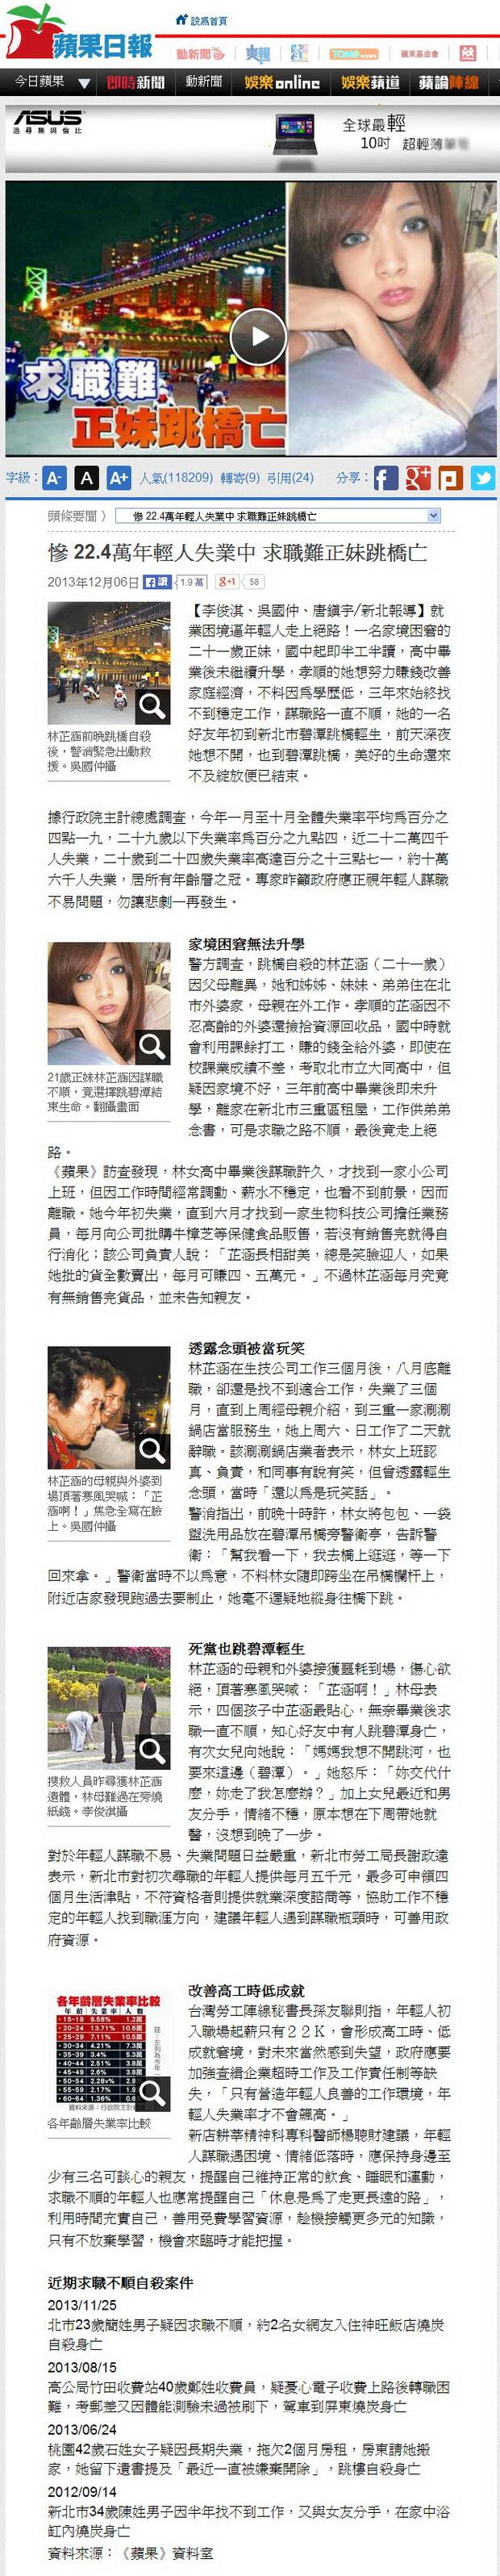 慘 22.4萬年輕人失業中 求職難正妹跳橋亡-2013.12.06-01.jpg